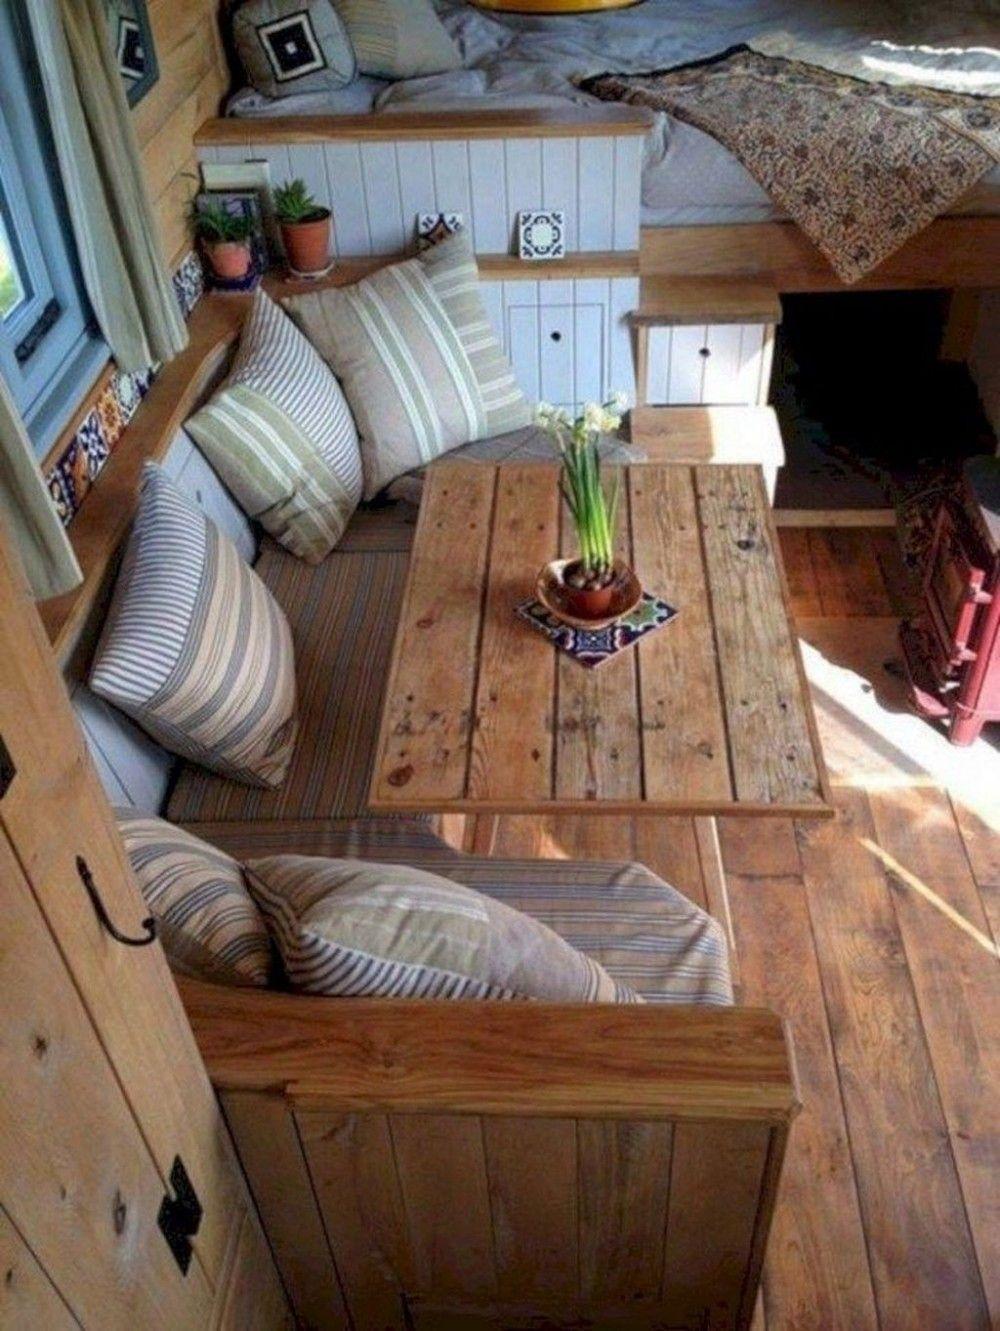 Über 30 außergewöhnliche Umbauideen für Wohnmobile für Inspirationen #rvliving